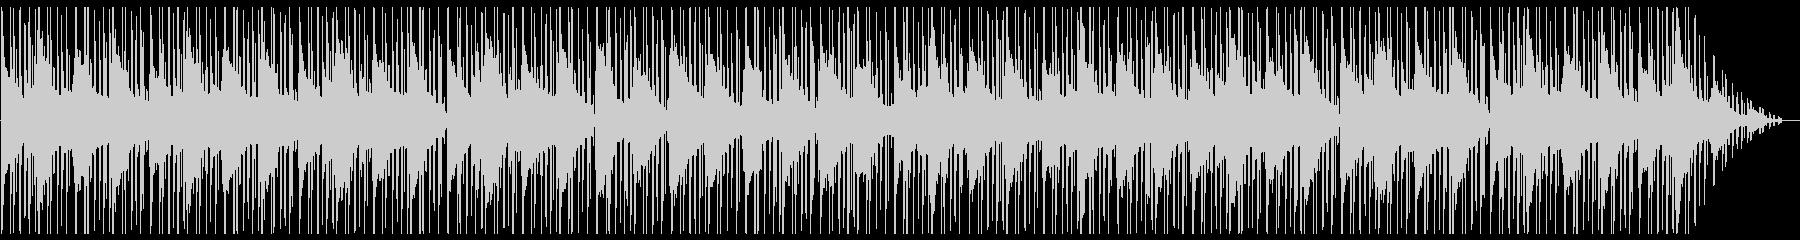 ゲーム・メニュー・酒場 メロウなピアノの未再生の波形